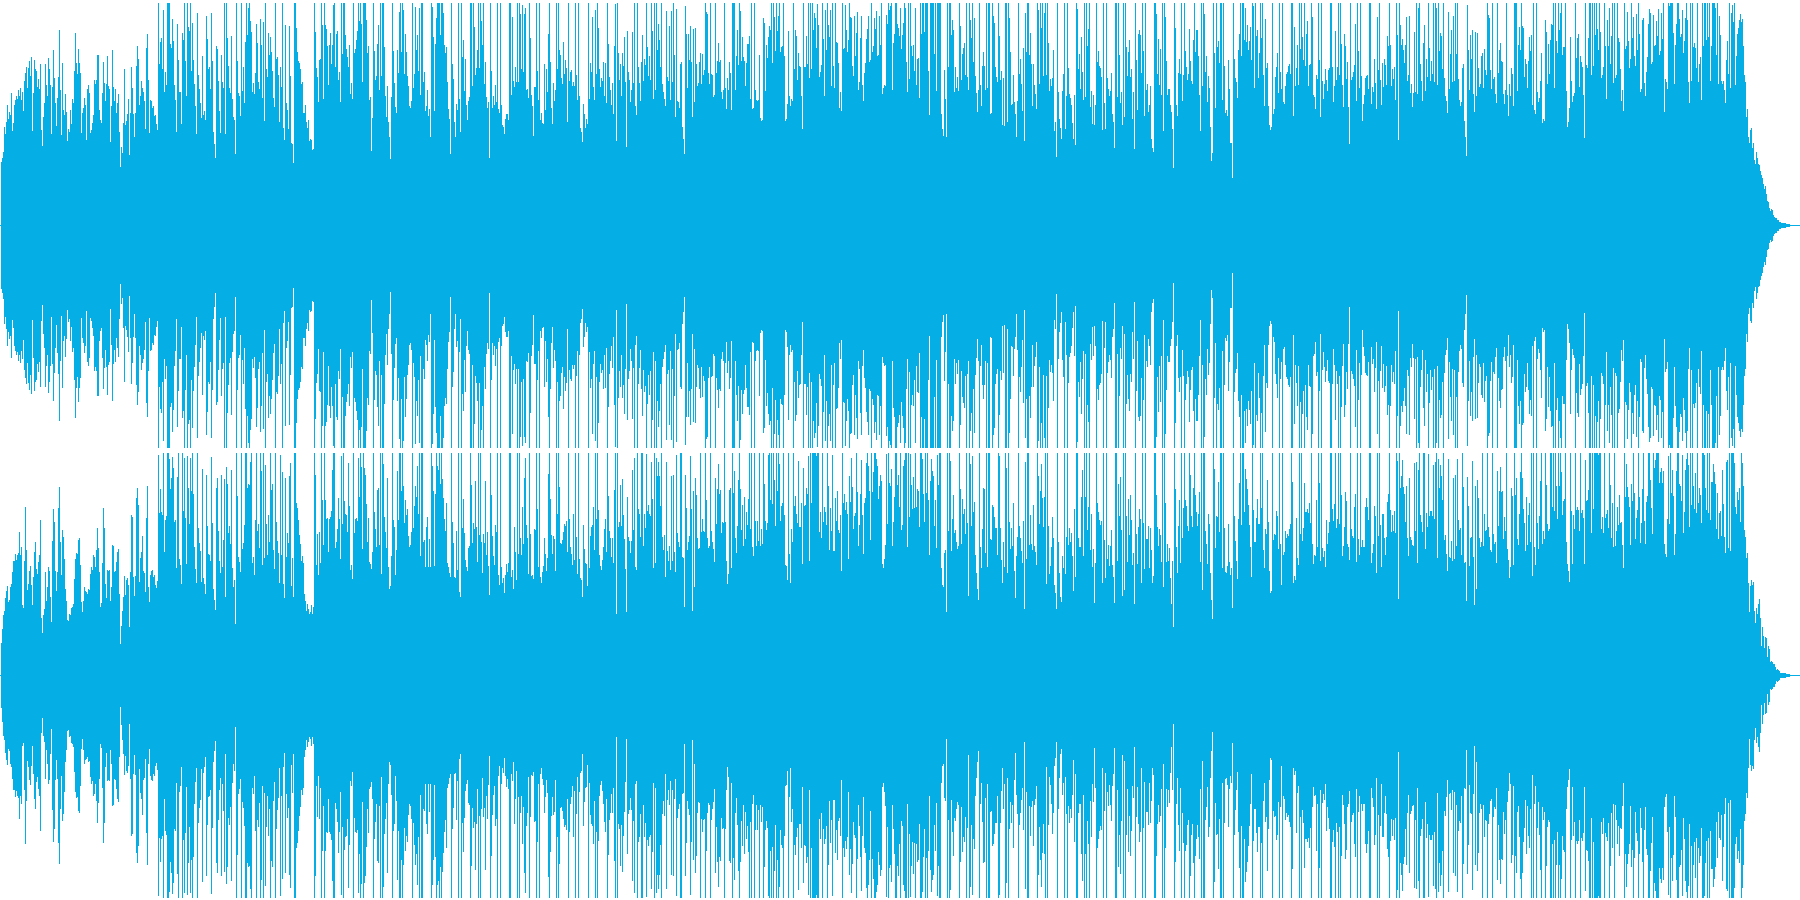 チェロとビオラゆったりカントリー楽曲の再生済みの波形